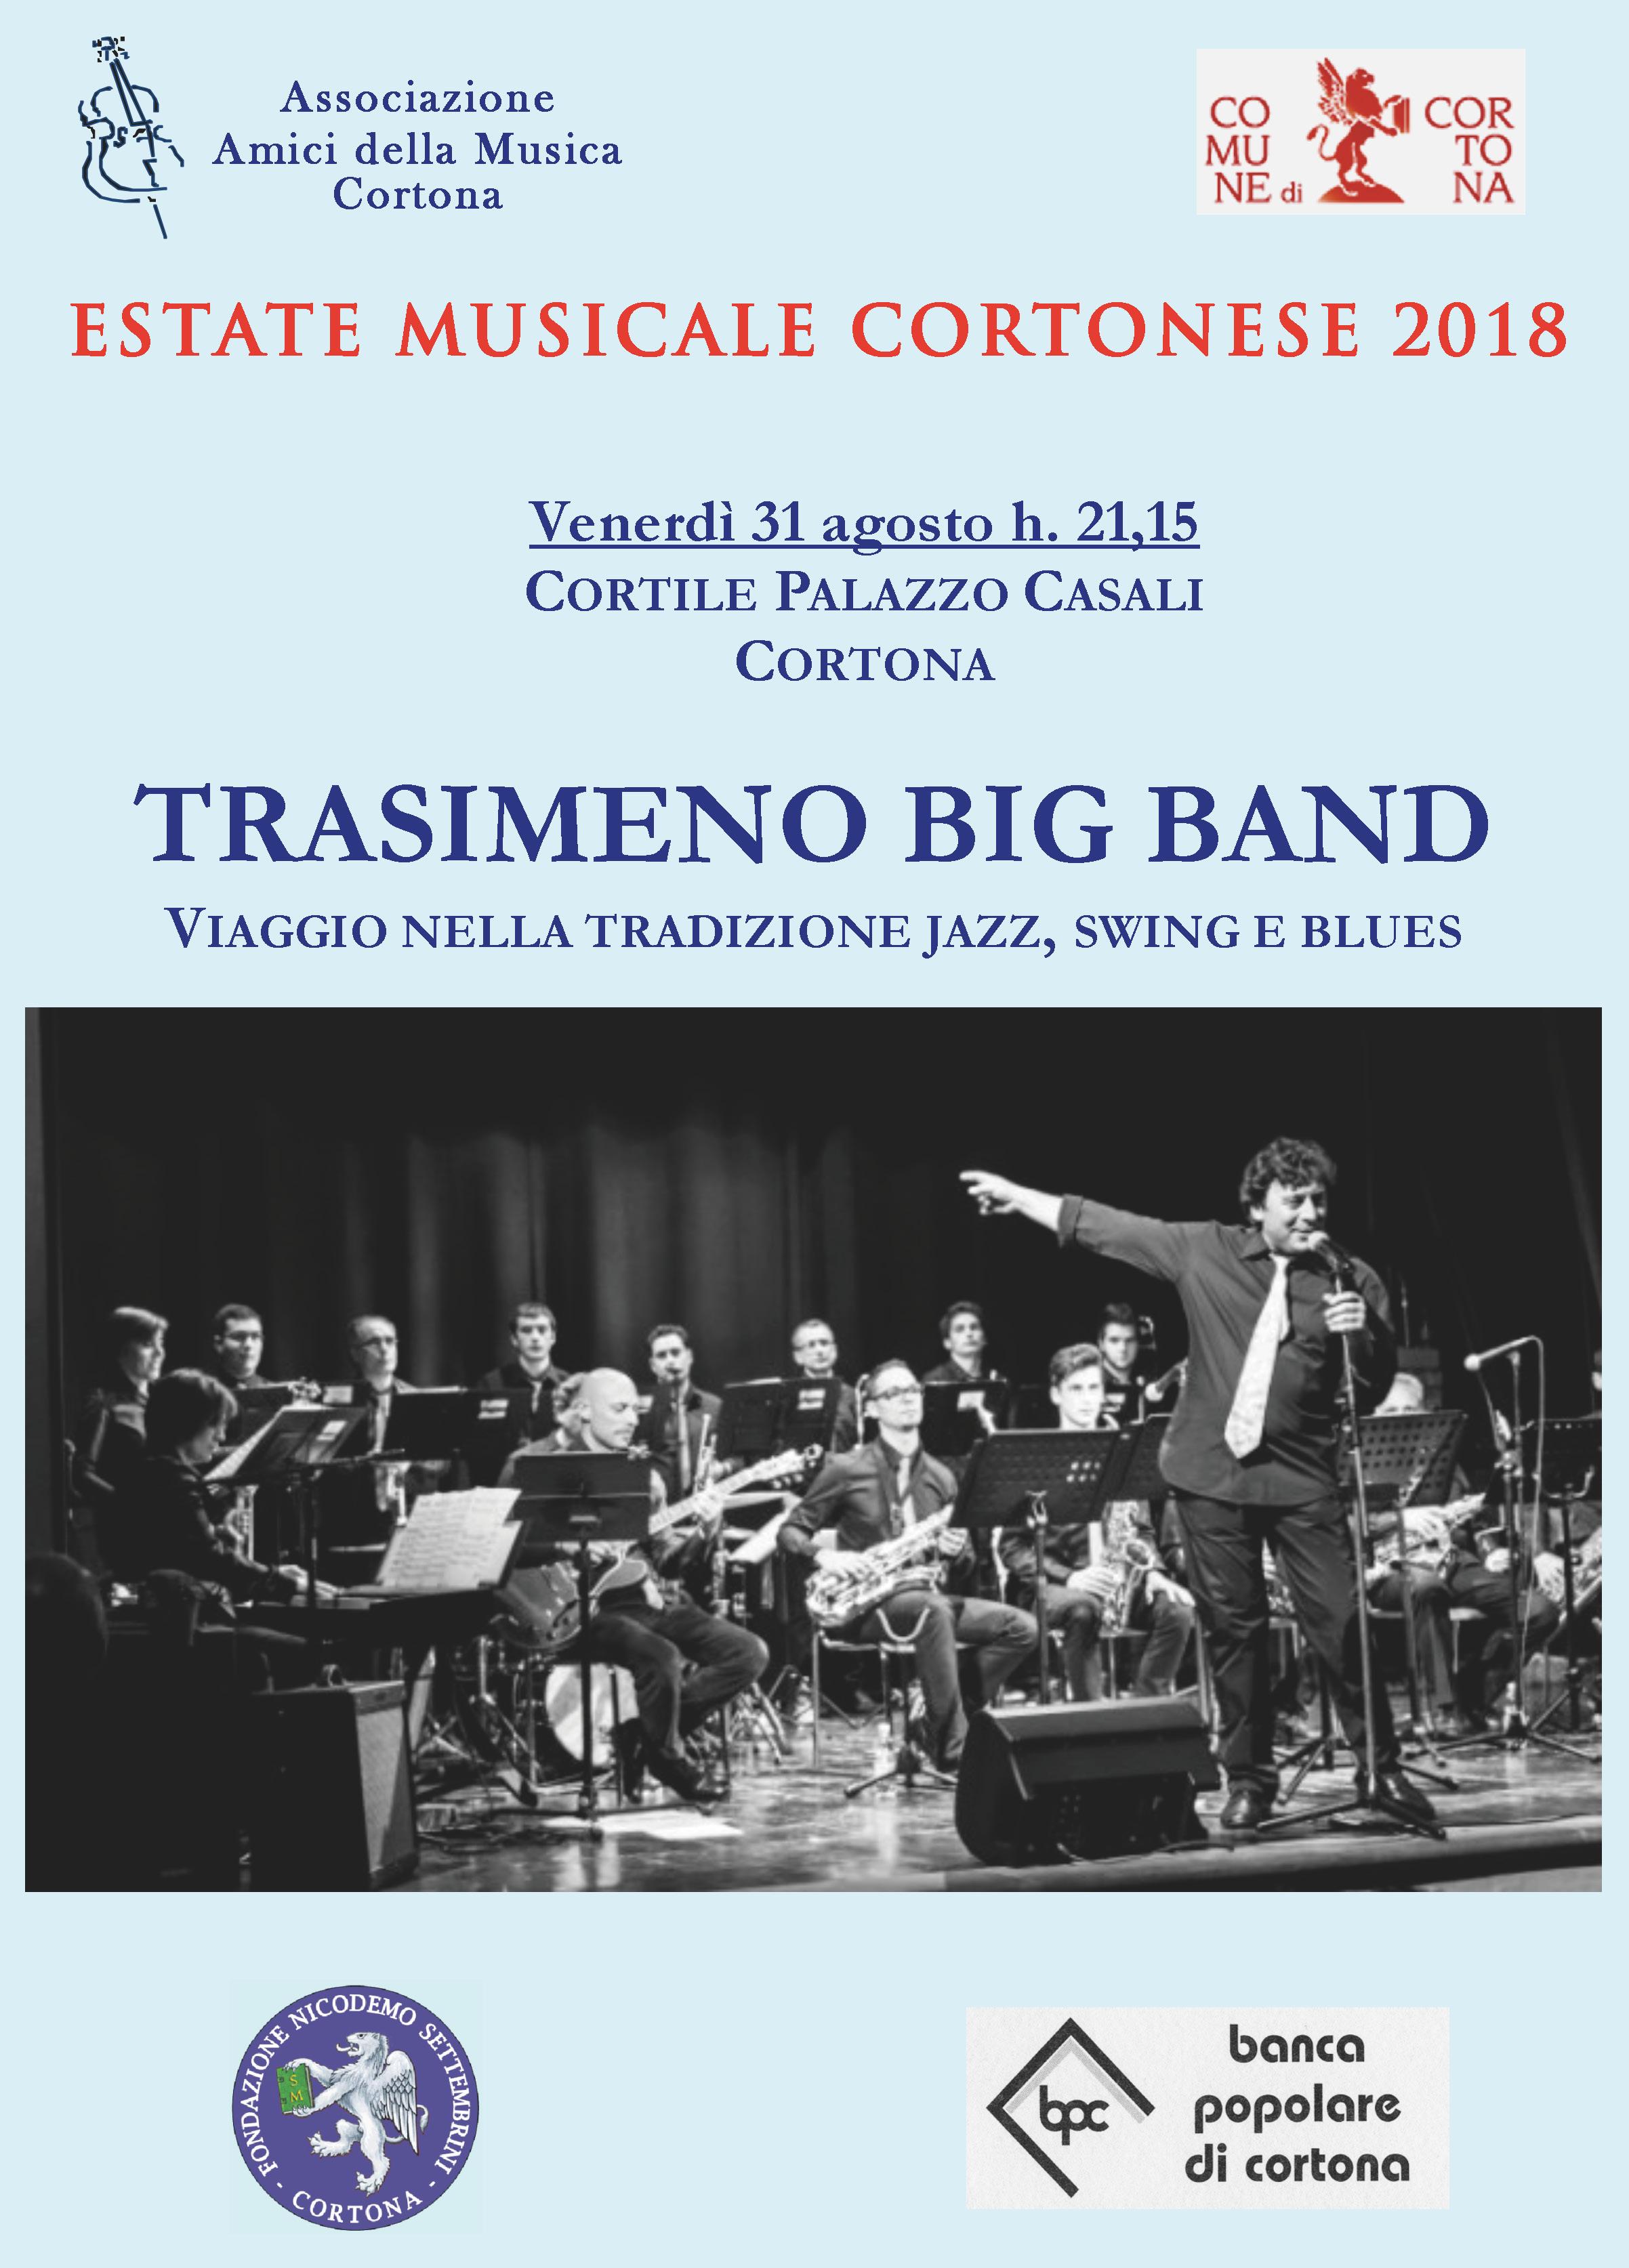 La Trasimeno Big Band per l'ultimo appuntamento coi concerti degli Amici della Musica